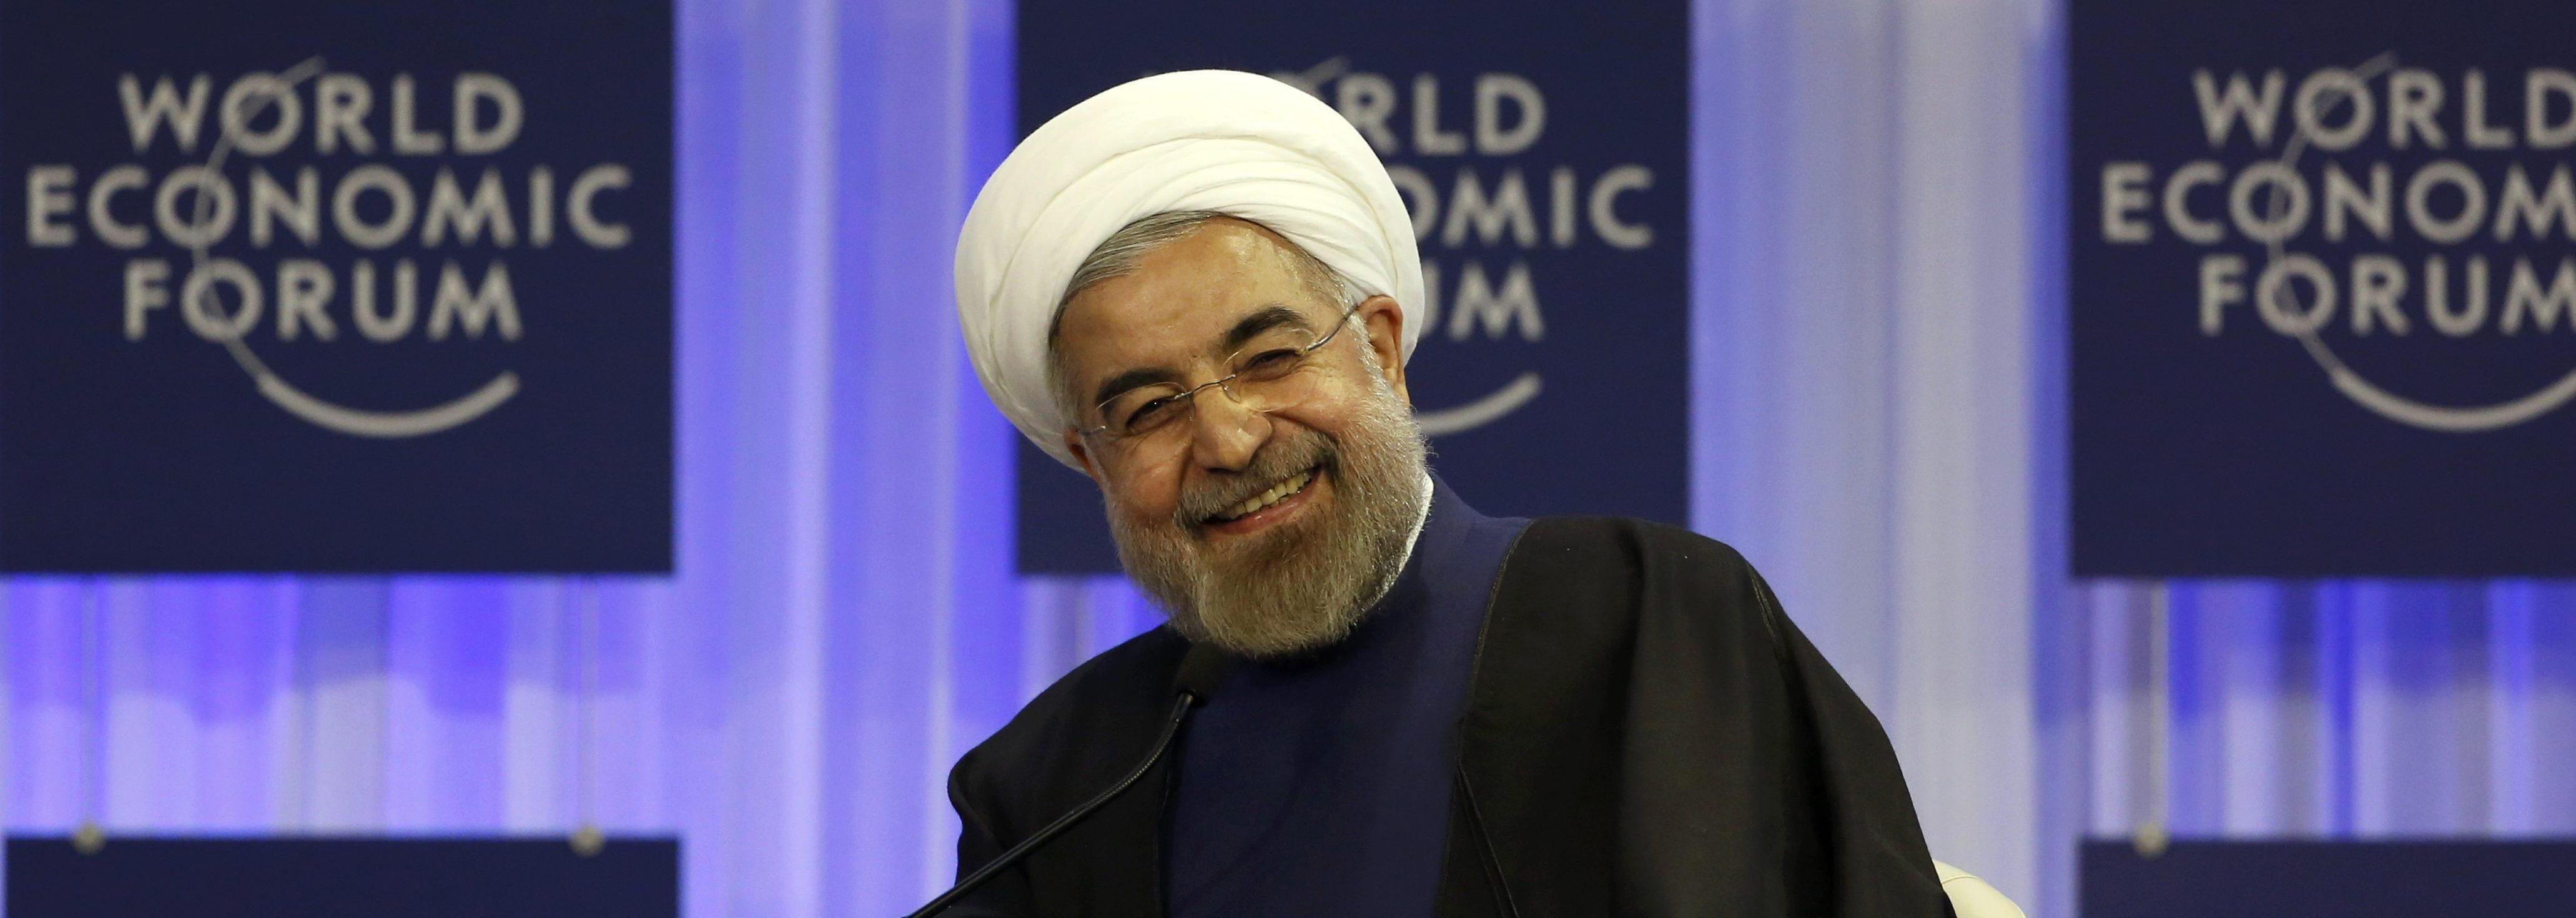 Rouhani-Davos1